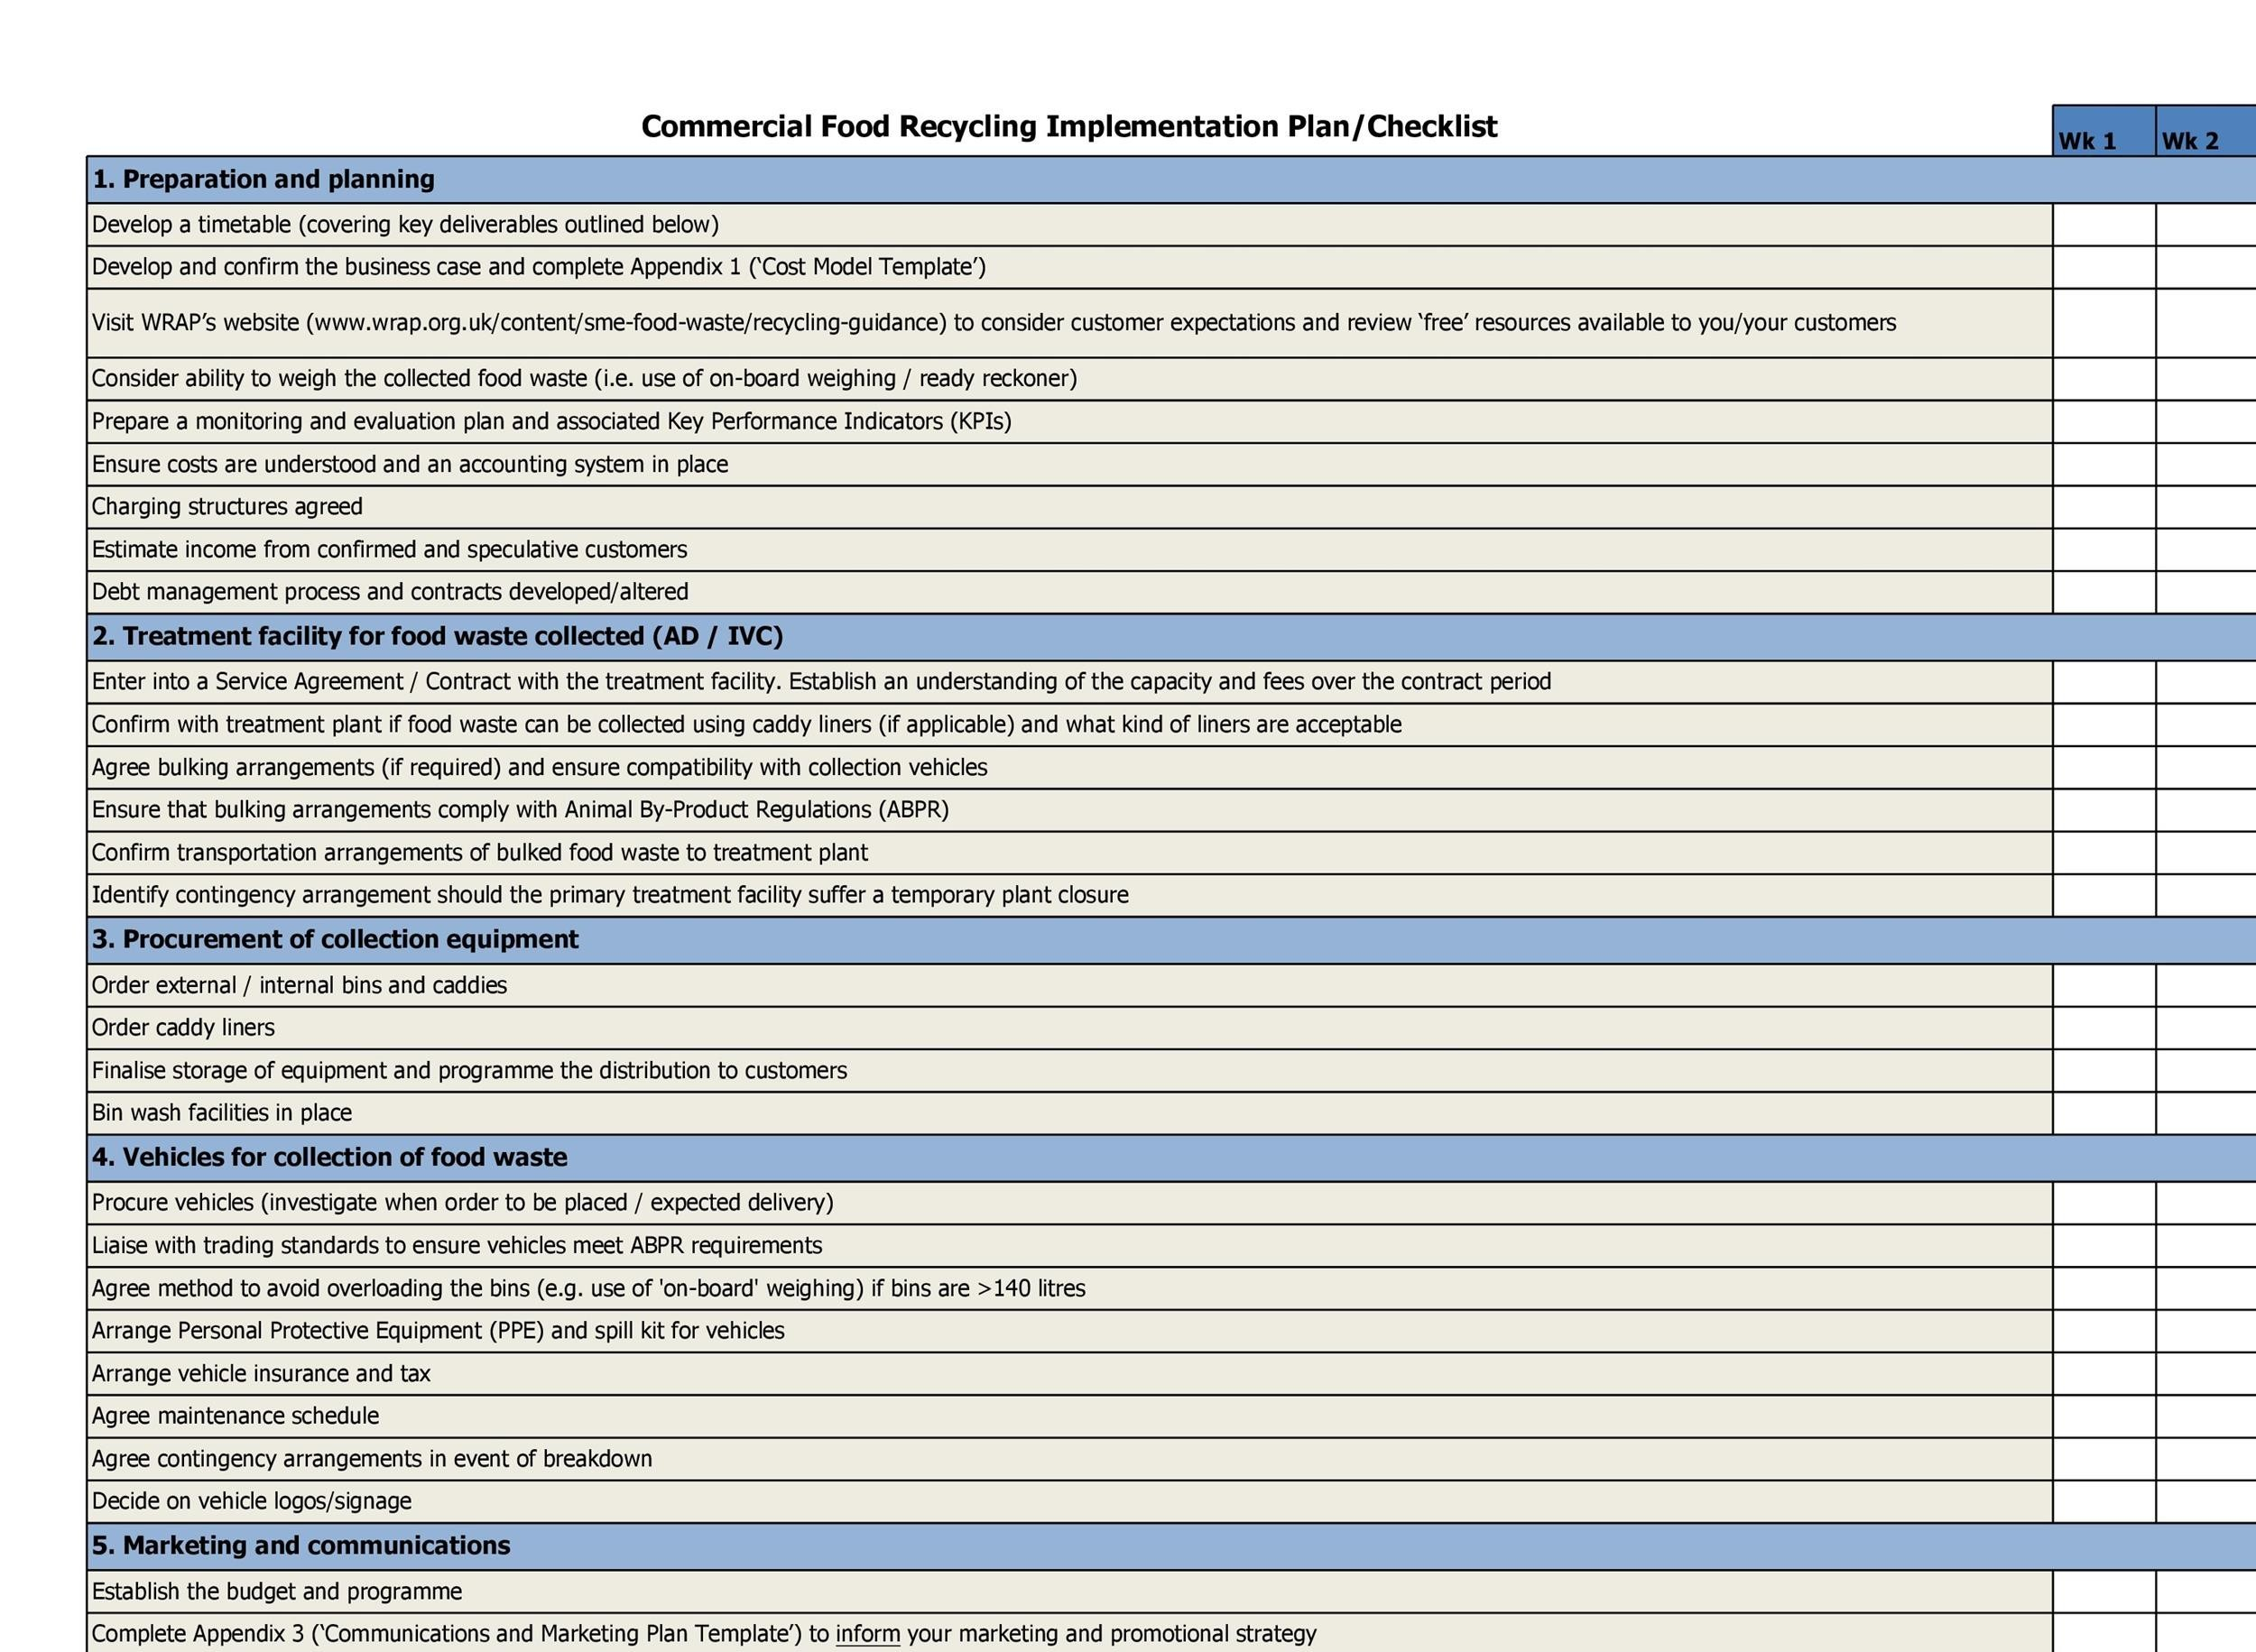 Free implementation plan 03